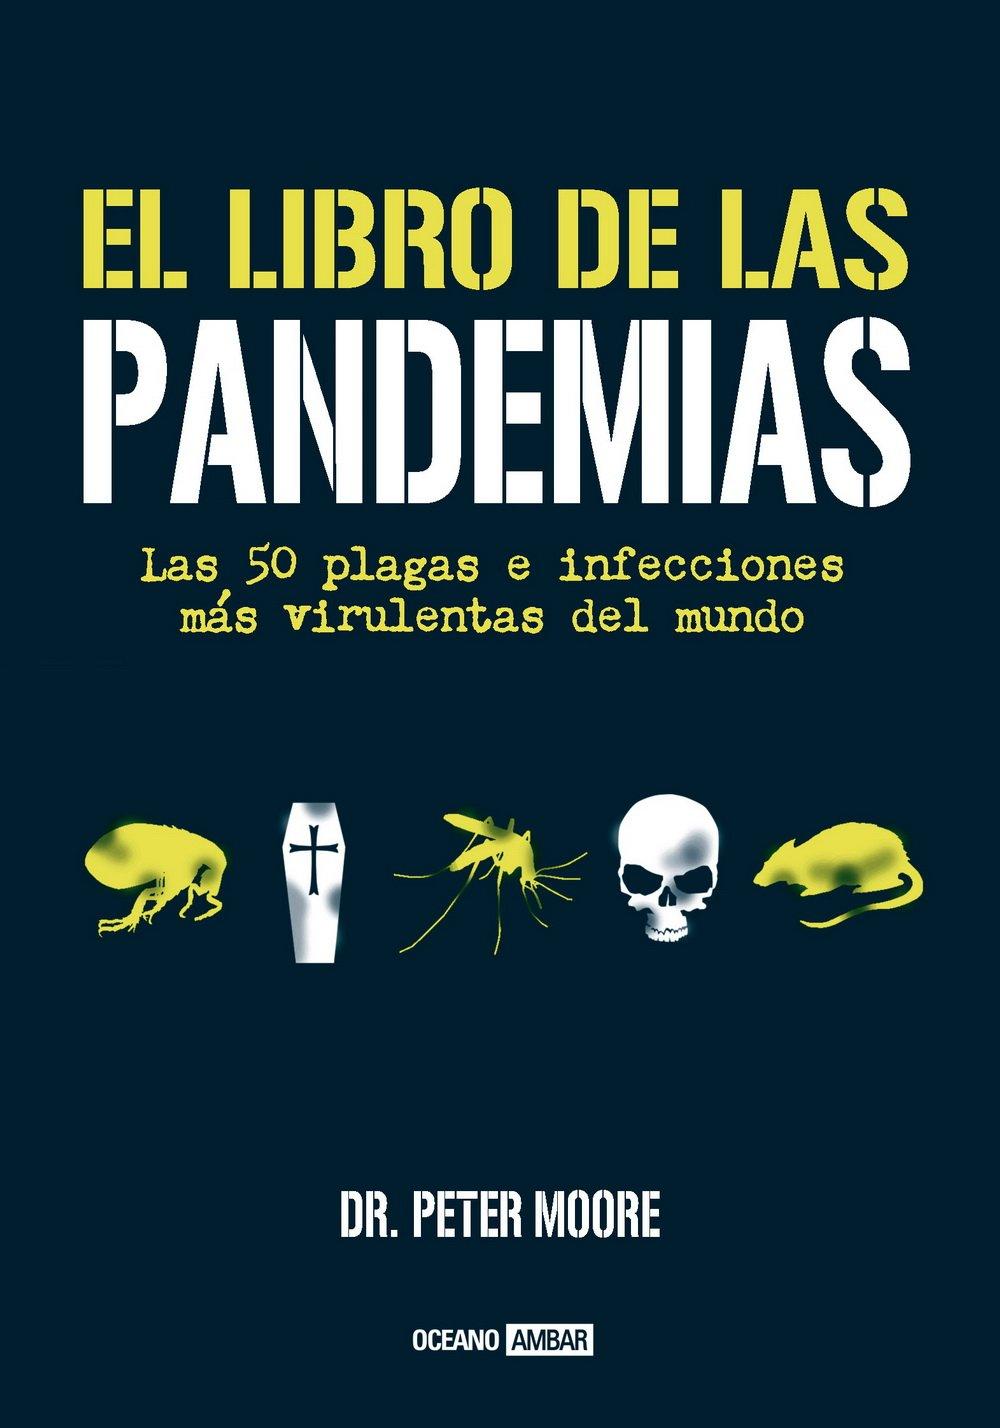 El libro de las pandemias (Divulgación): Amazon.es: Moore, Peter: Libros